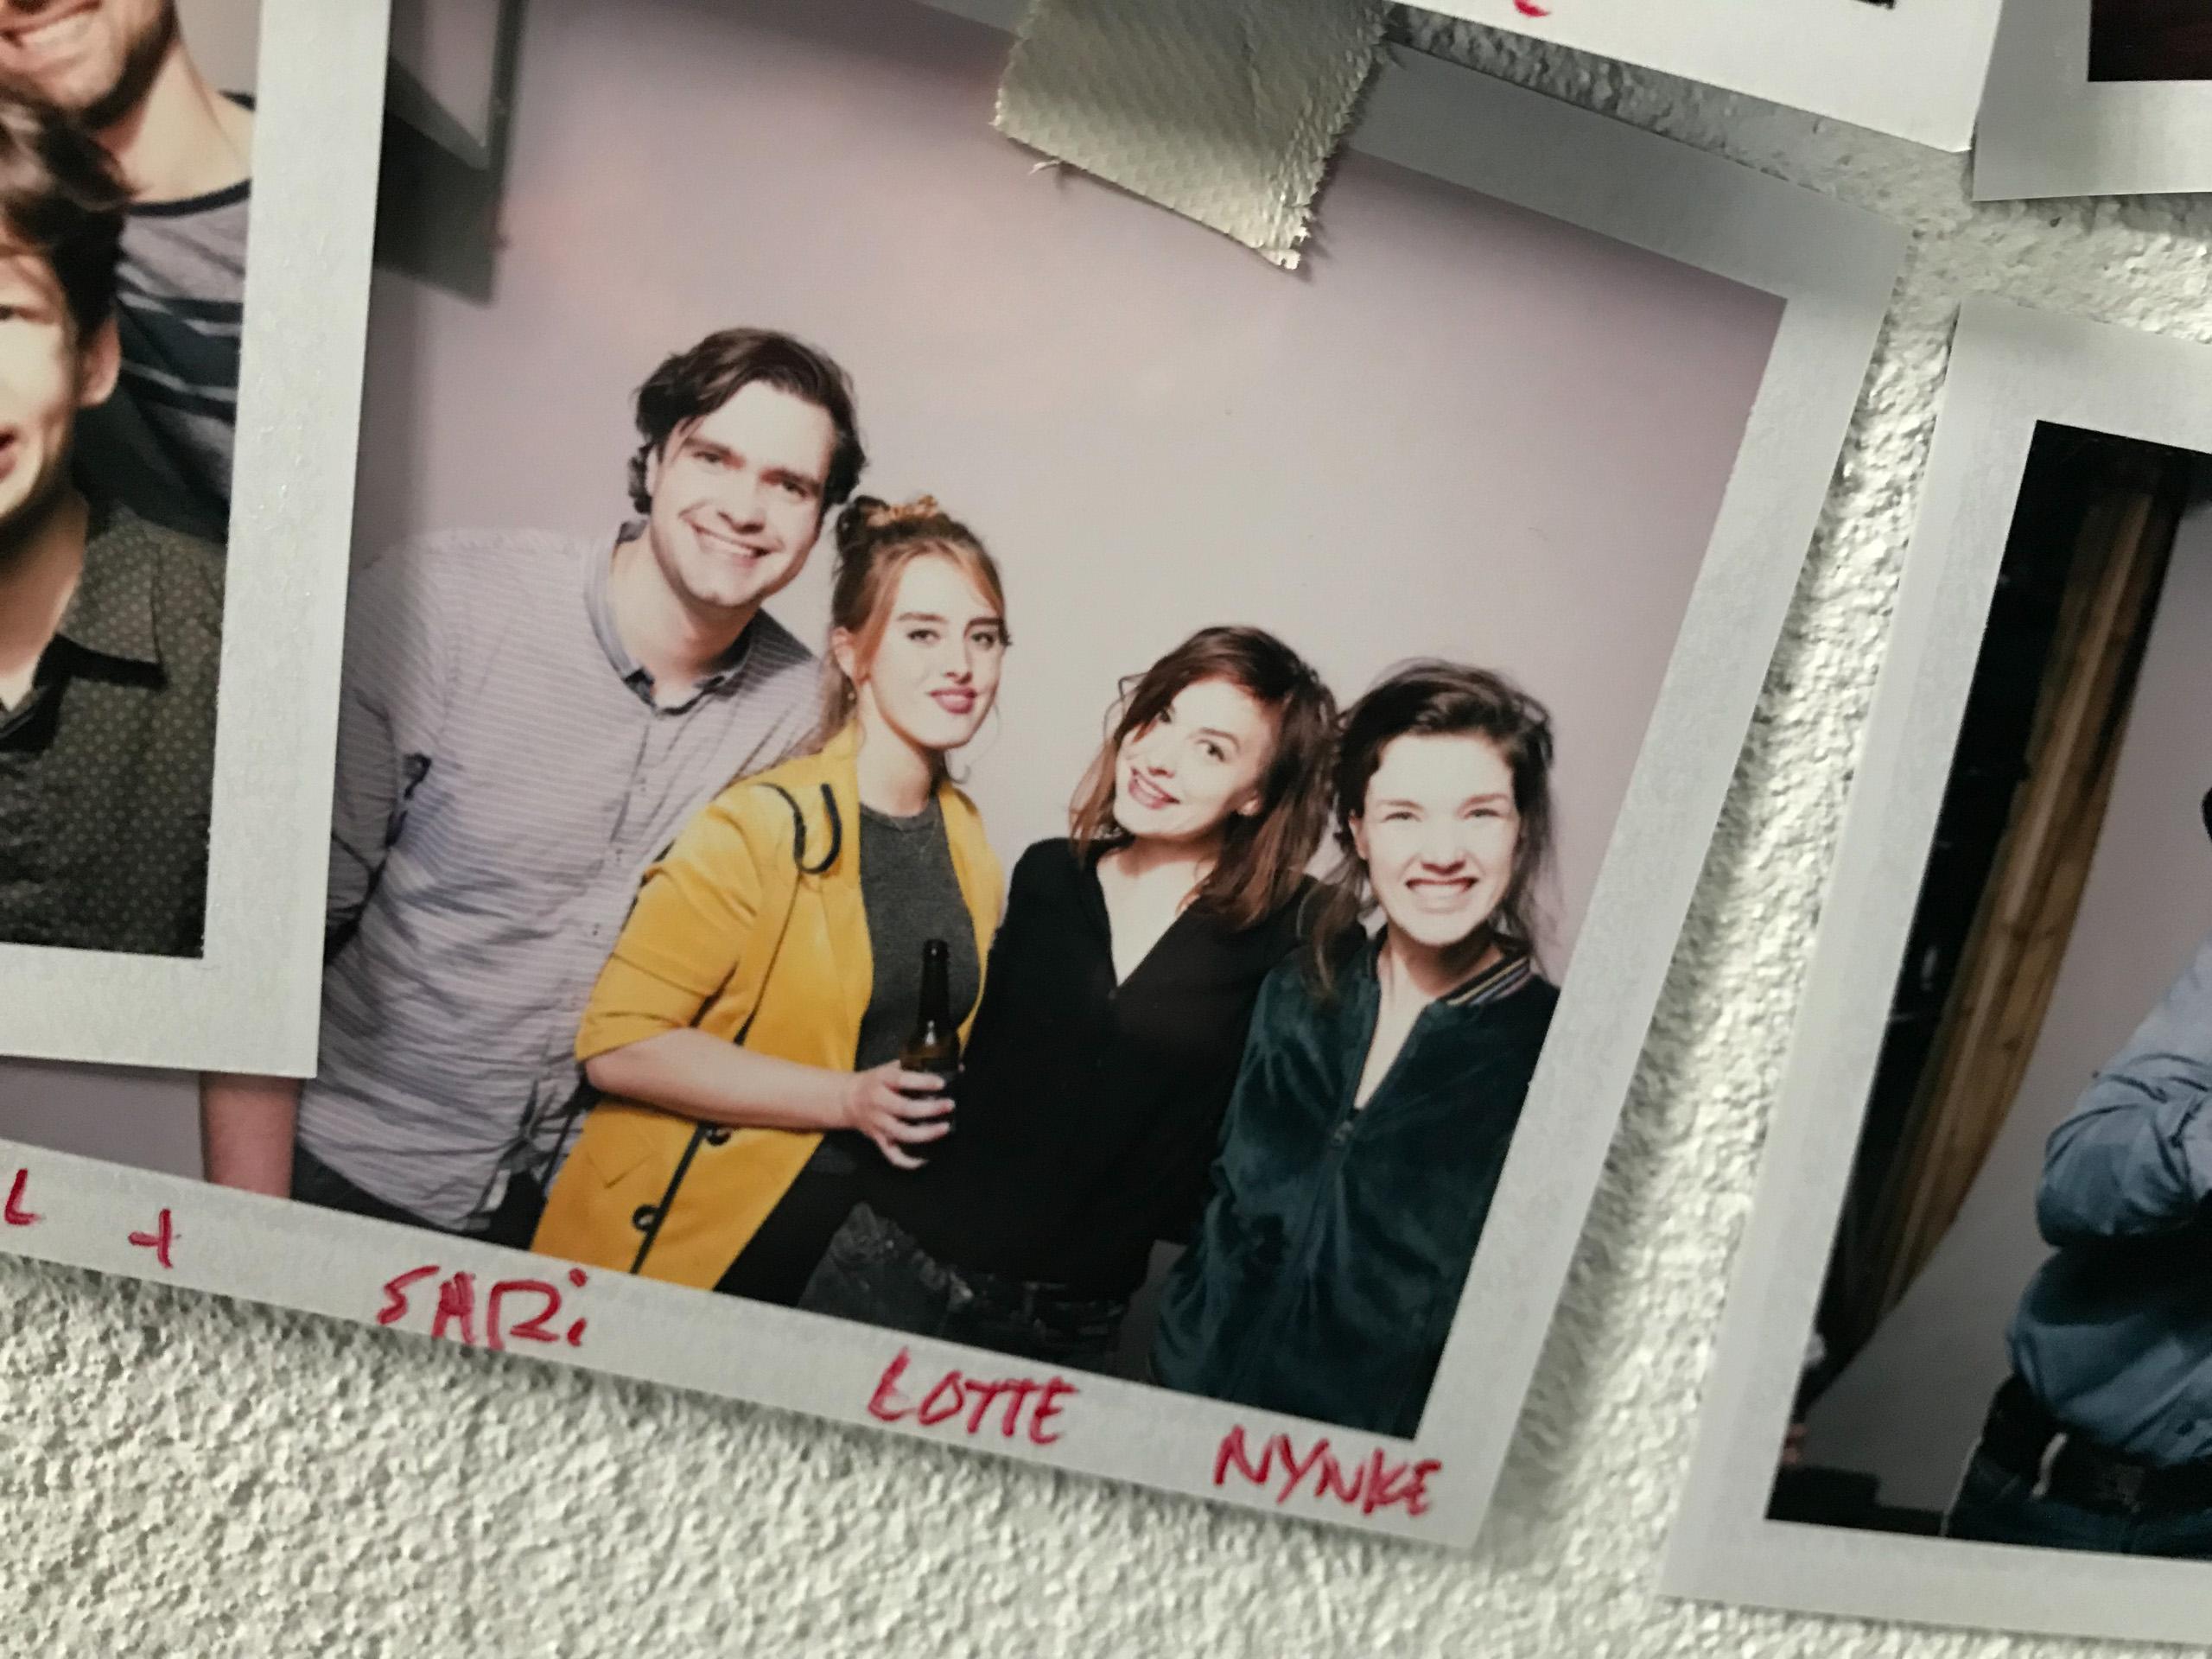 Food stylist fotograaf van een groepsfoto inclusief Sari, Lotte en Nynke gemaakt door Studio_m Fotograaf Amsterdam